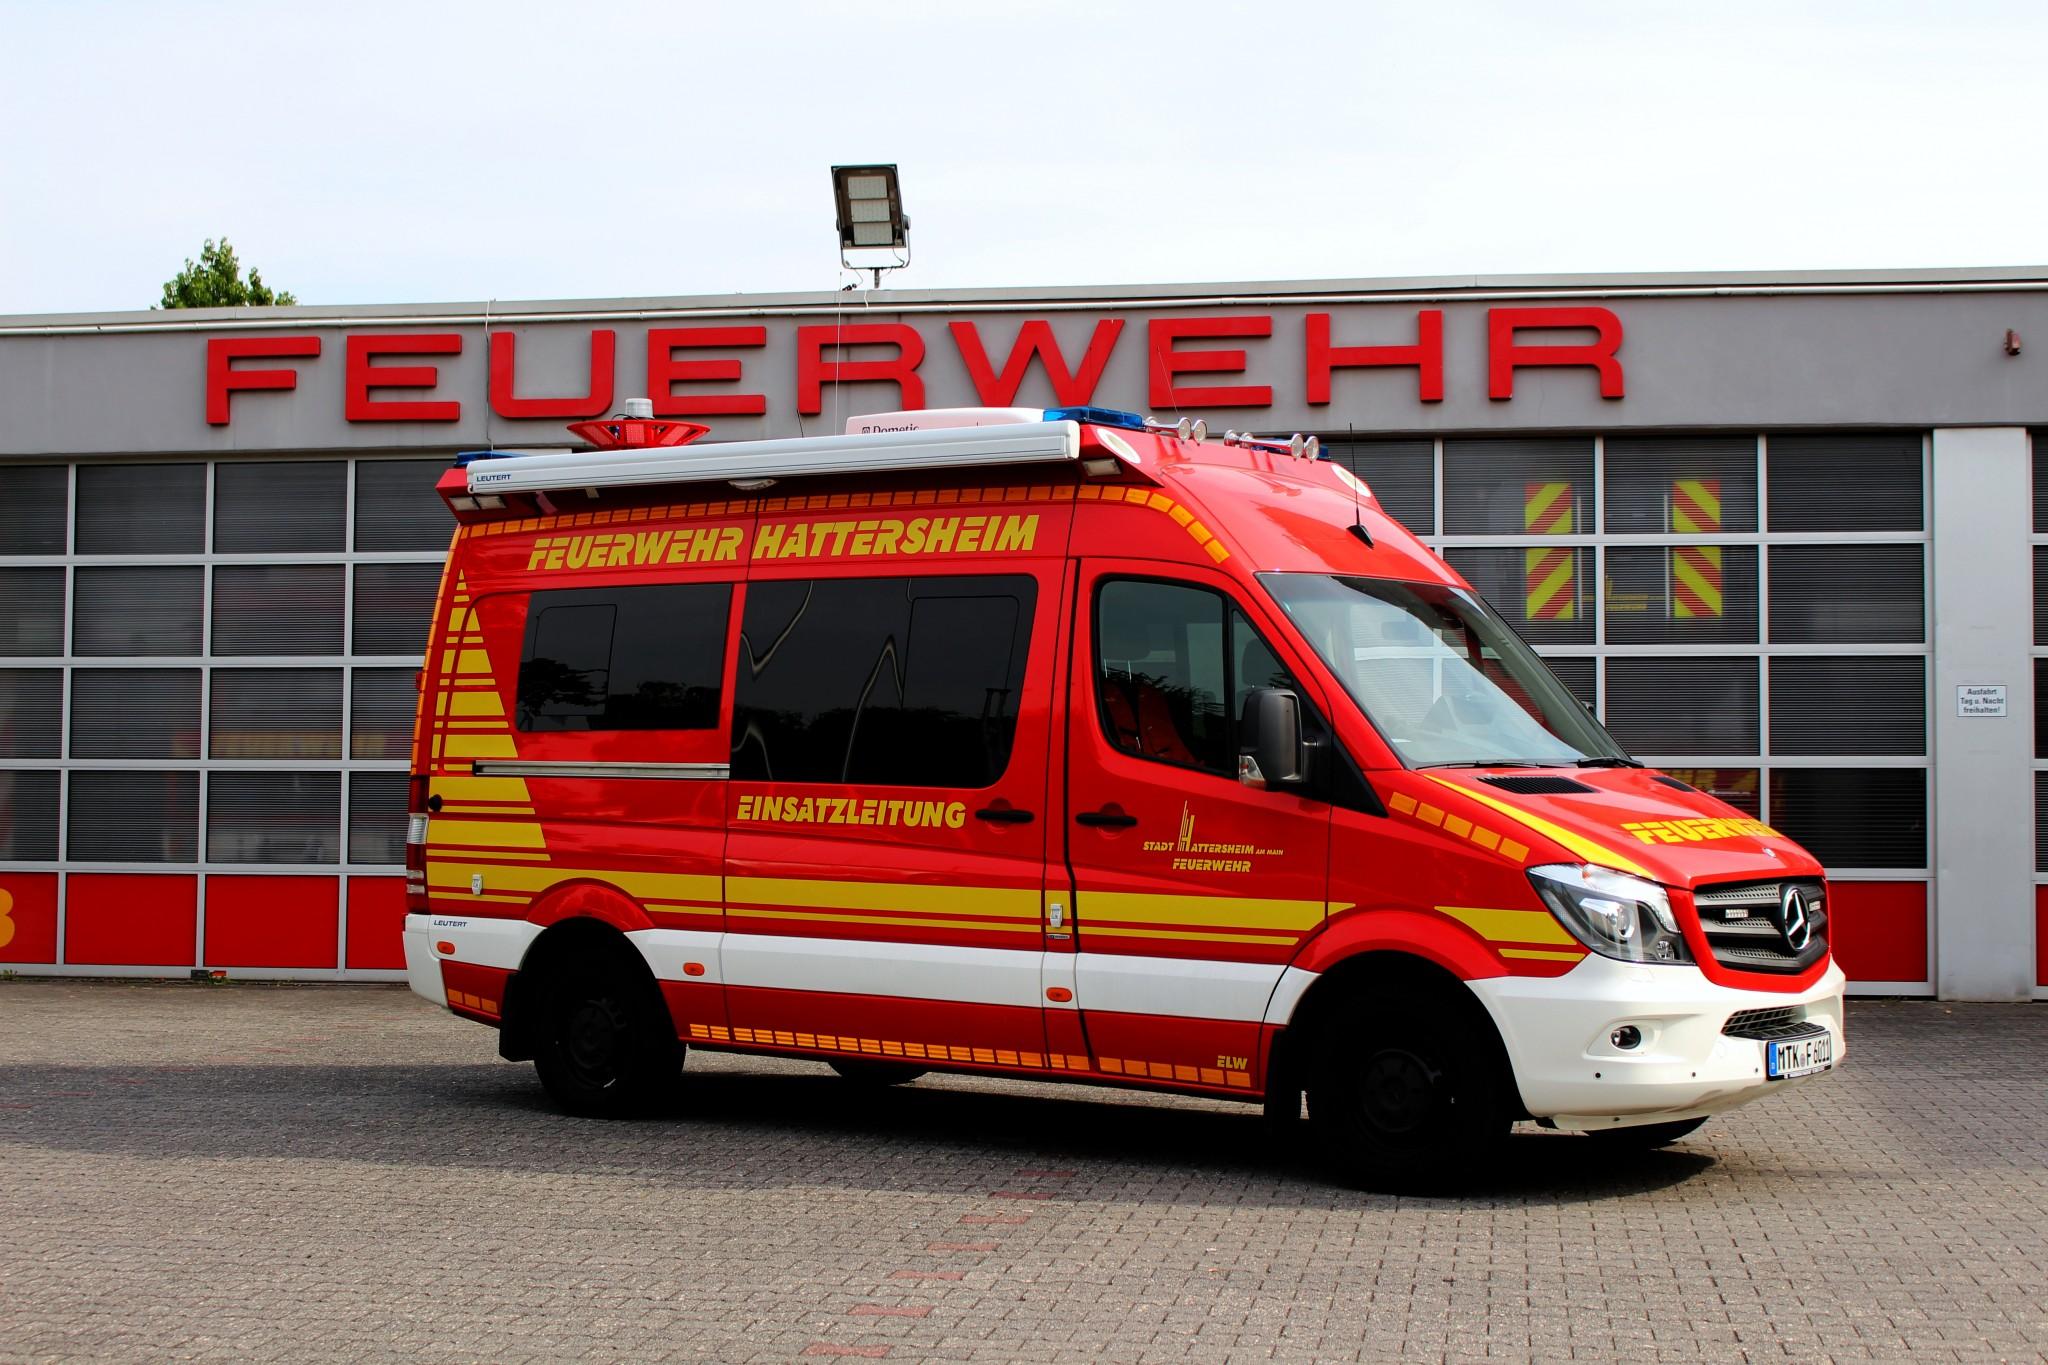 Fahrzeuge feuerwehr hattersheim for Mercedes benz elw